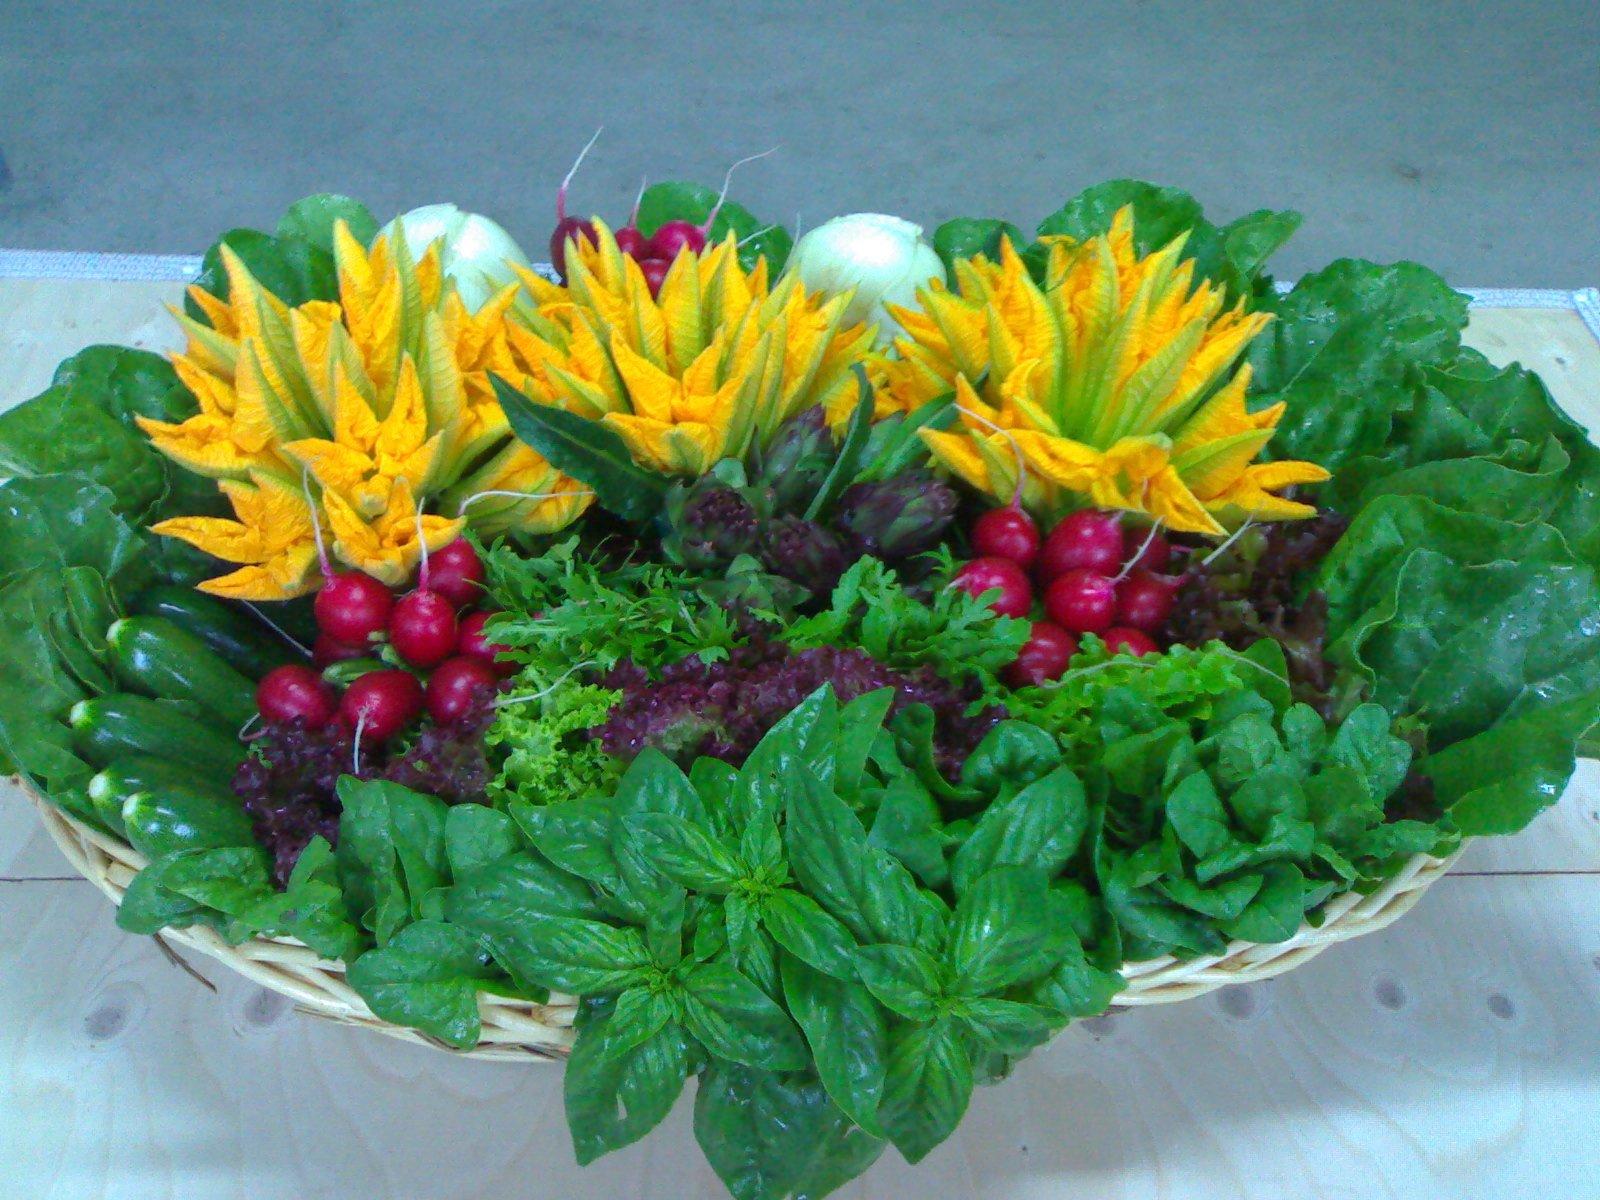 Menta, rapanelli e fiori di zucca dall'orto a Tenuta Civrana, Pegolotte di Cona